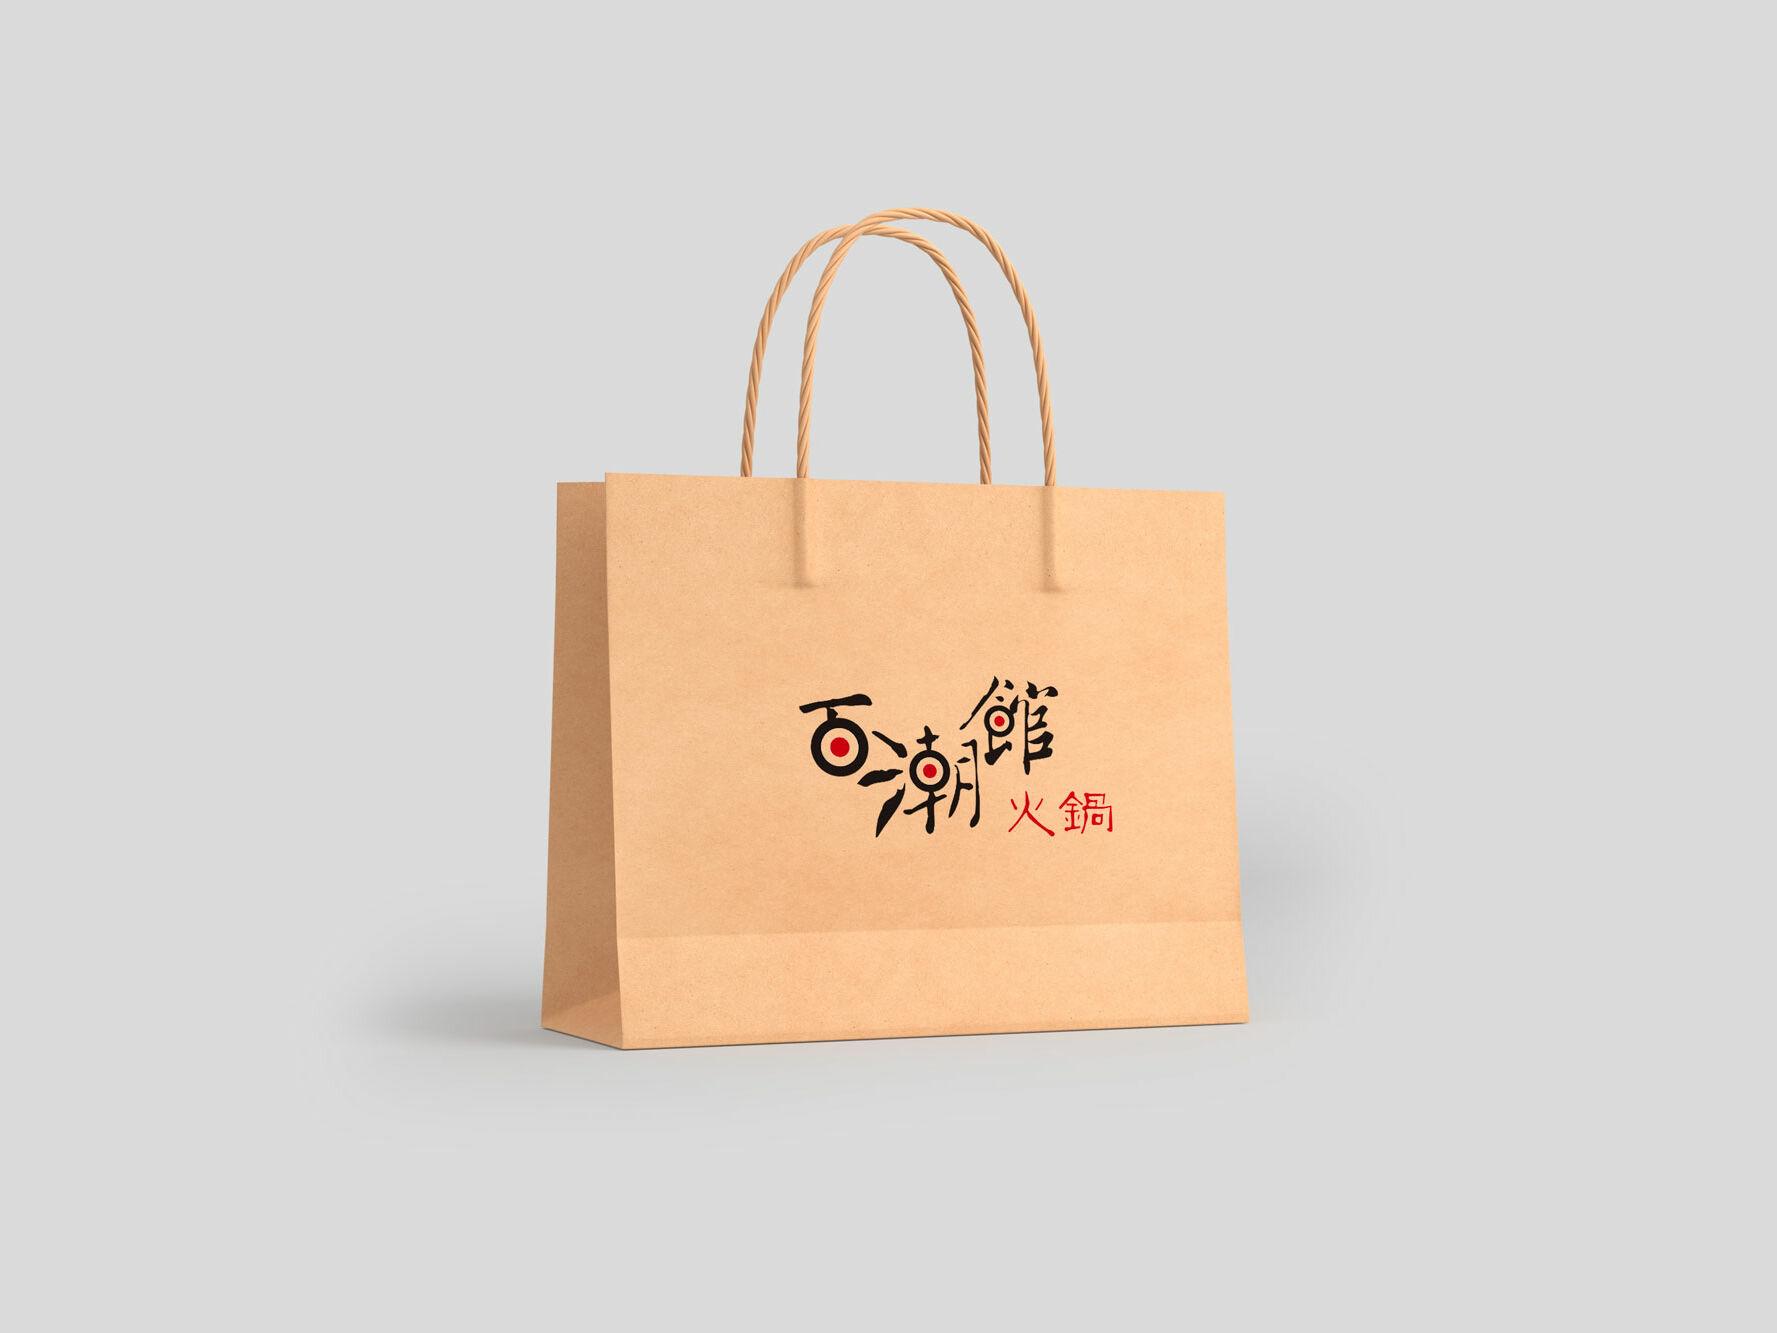 100 Trend Hotpot Craftpaper Bag